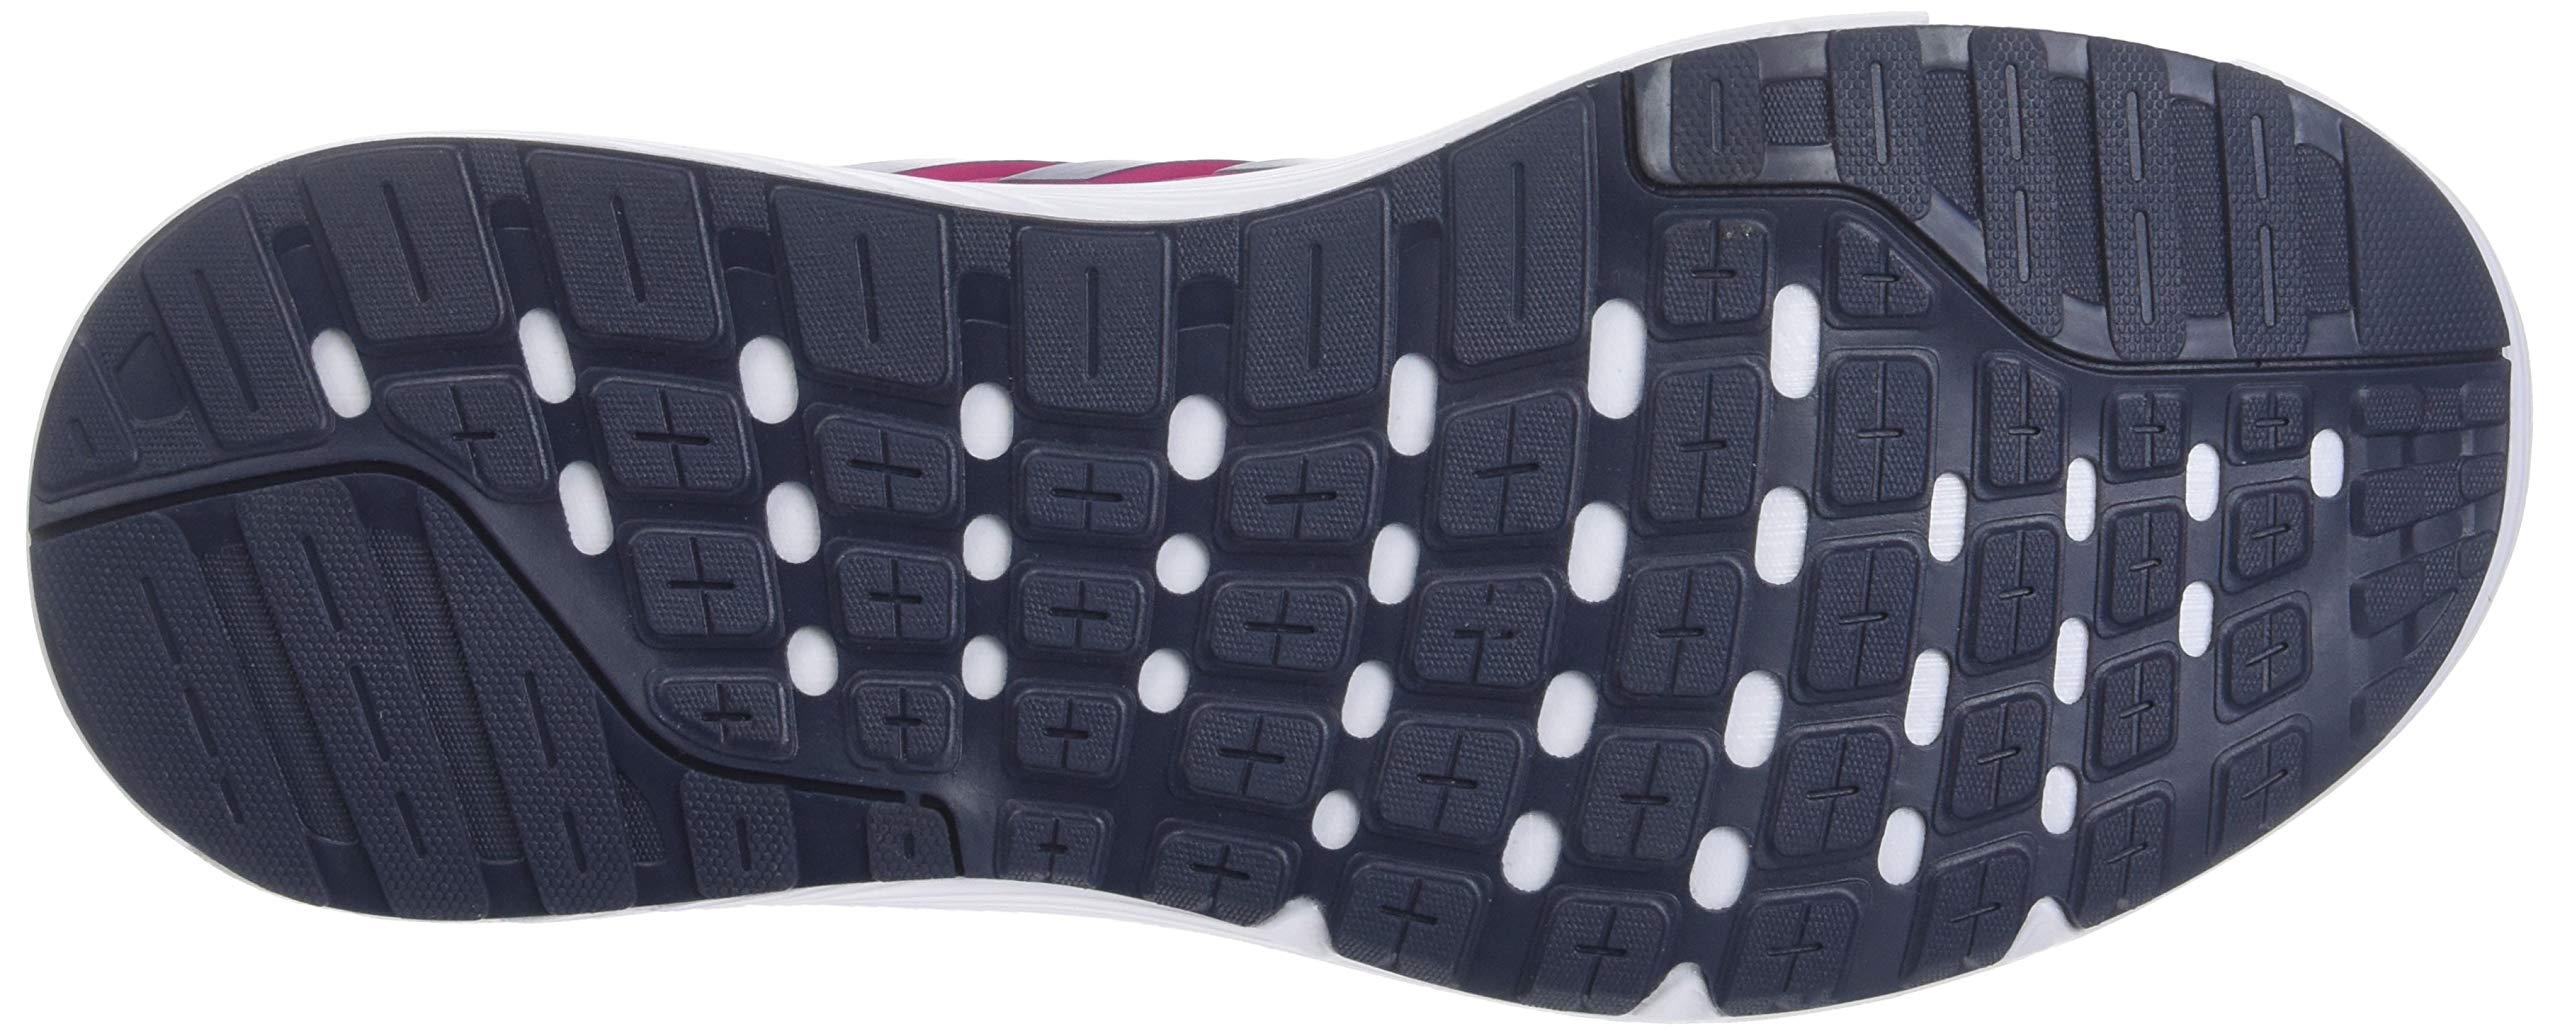 Adidas Galaxy 4, Scarpe da Corsa Donna 3 spesavip